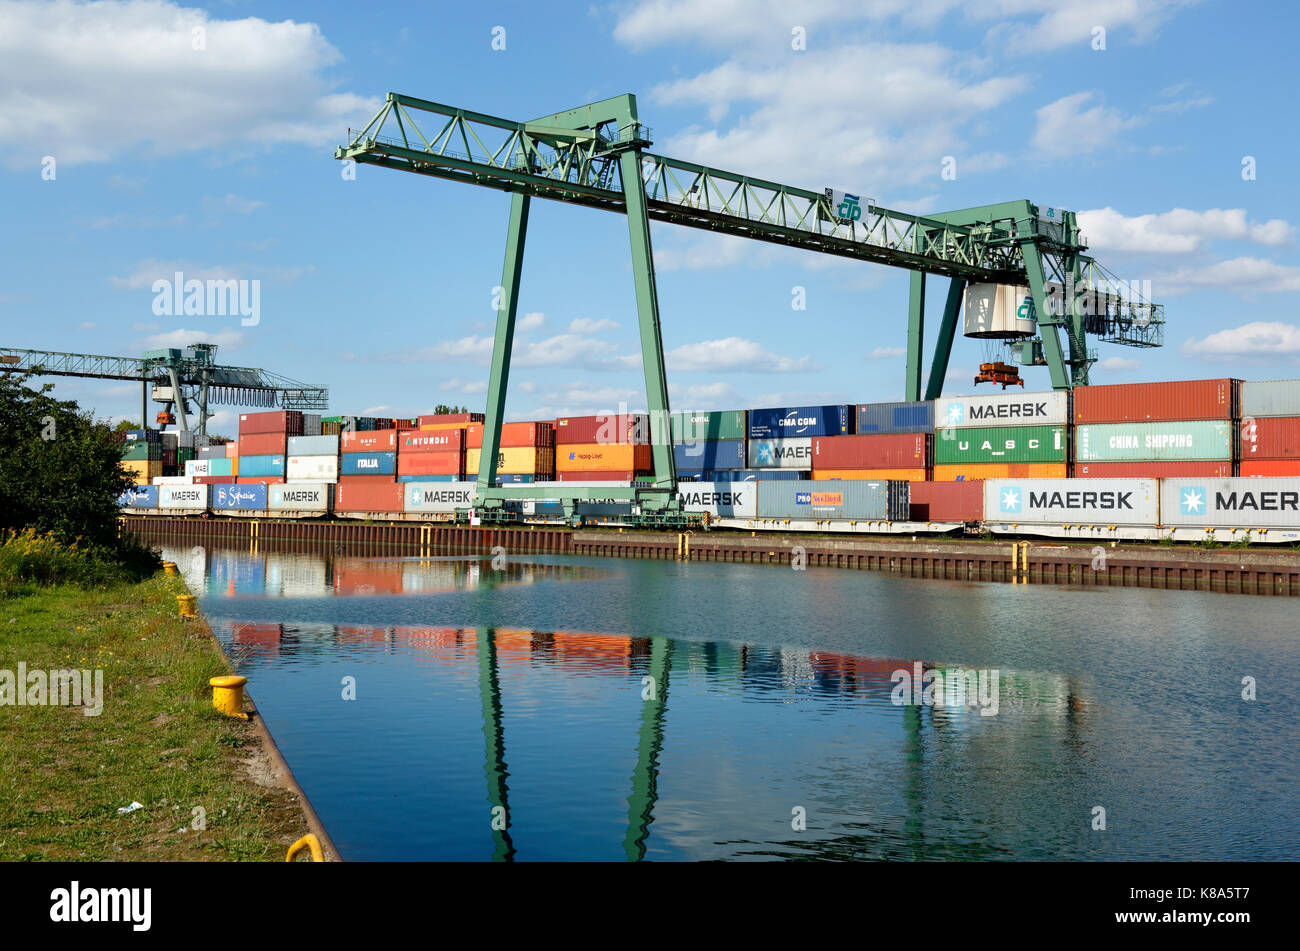 Containerterminal im Hafen von Dortmund, Ruhrgebiet, Nordrhein-Westfalen Stock Photo